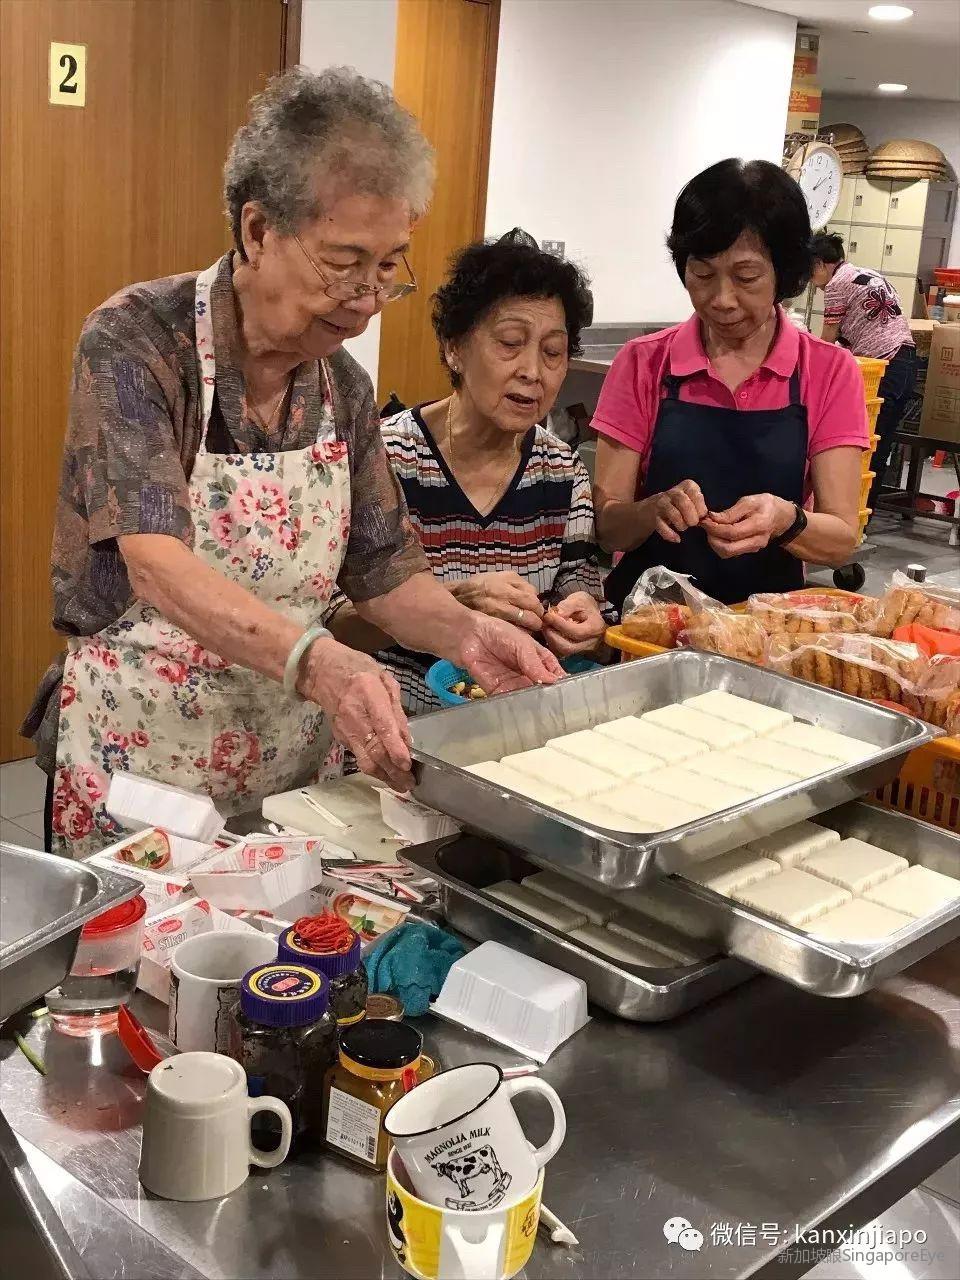 数十年如一日提供免费汤饭!新加坡居士林的义工们说......